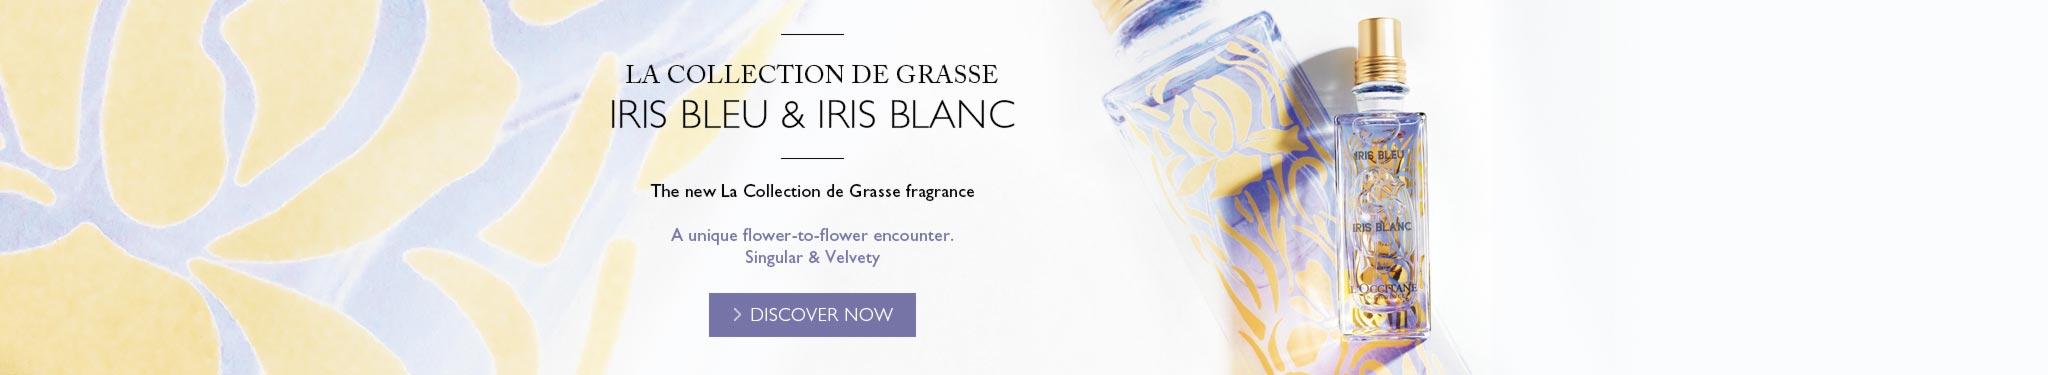 La Collection de Grasse Iris Bleu & Iris Blanc